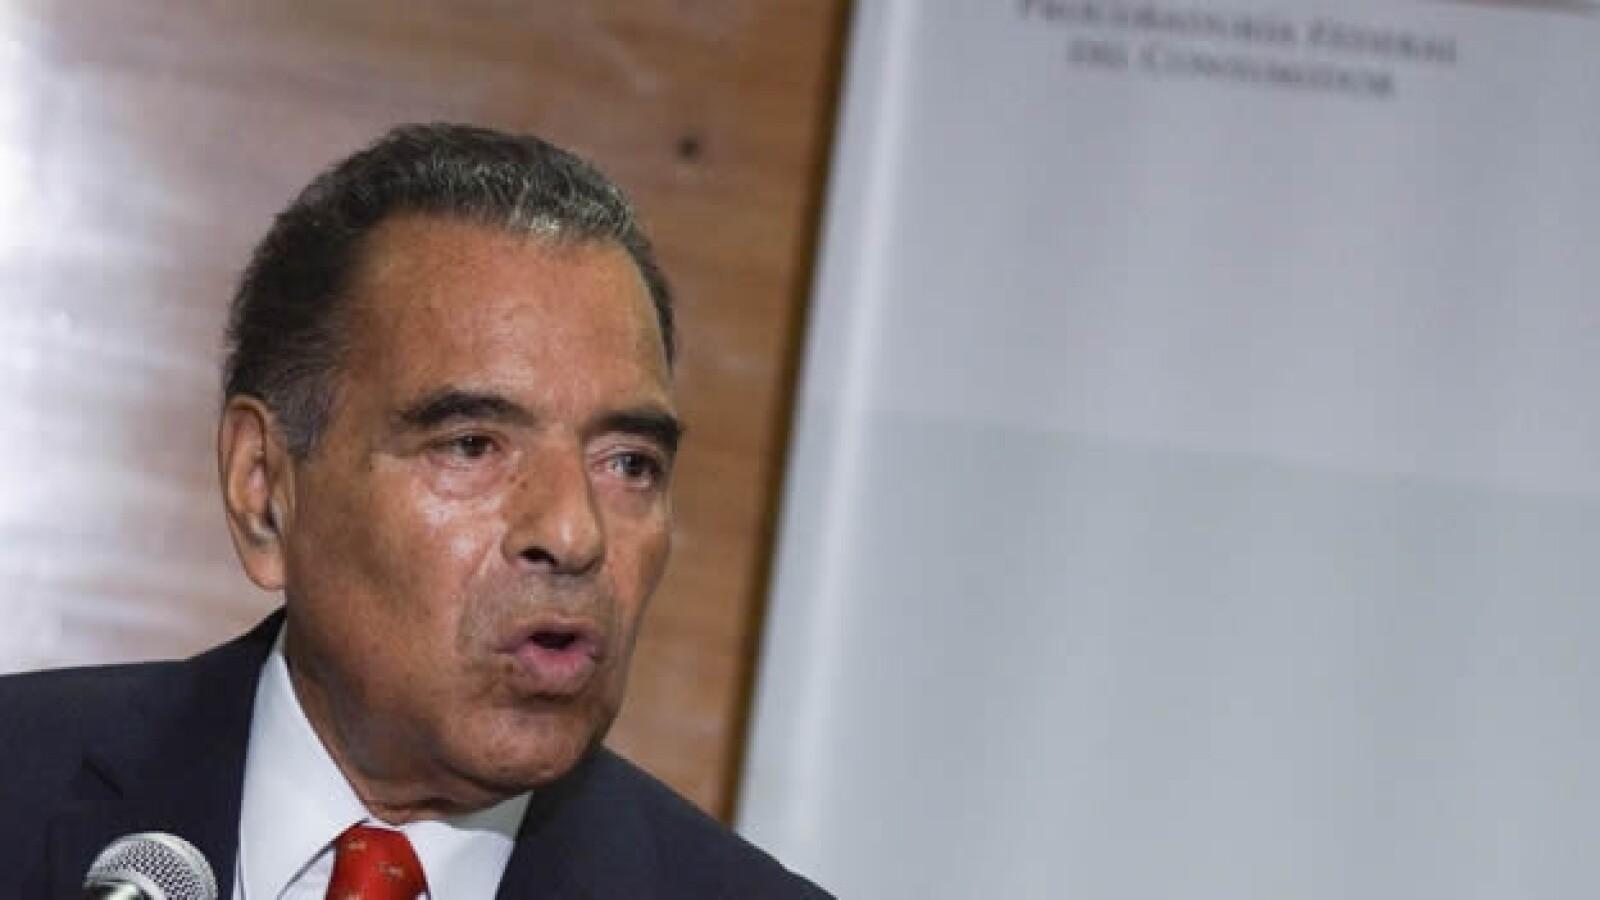 Humberto Benítez Treviño